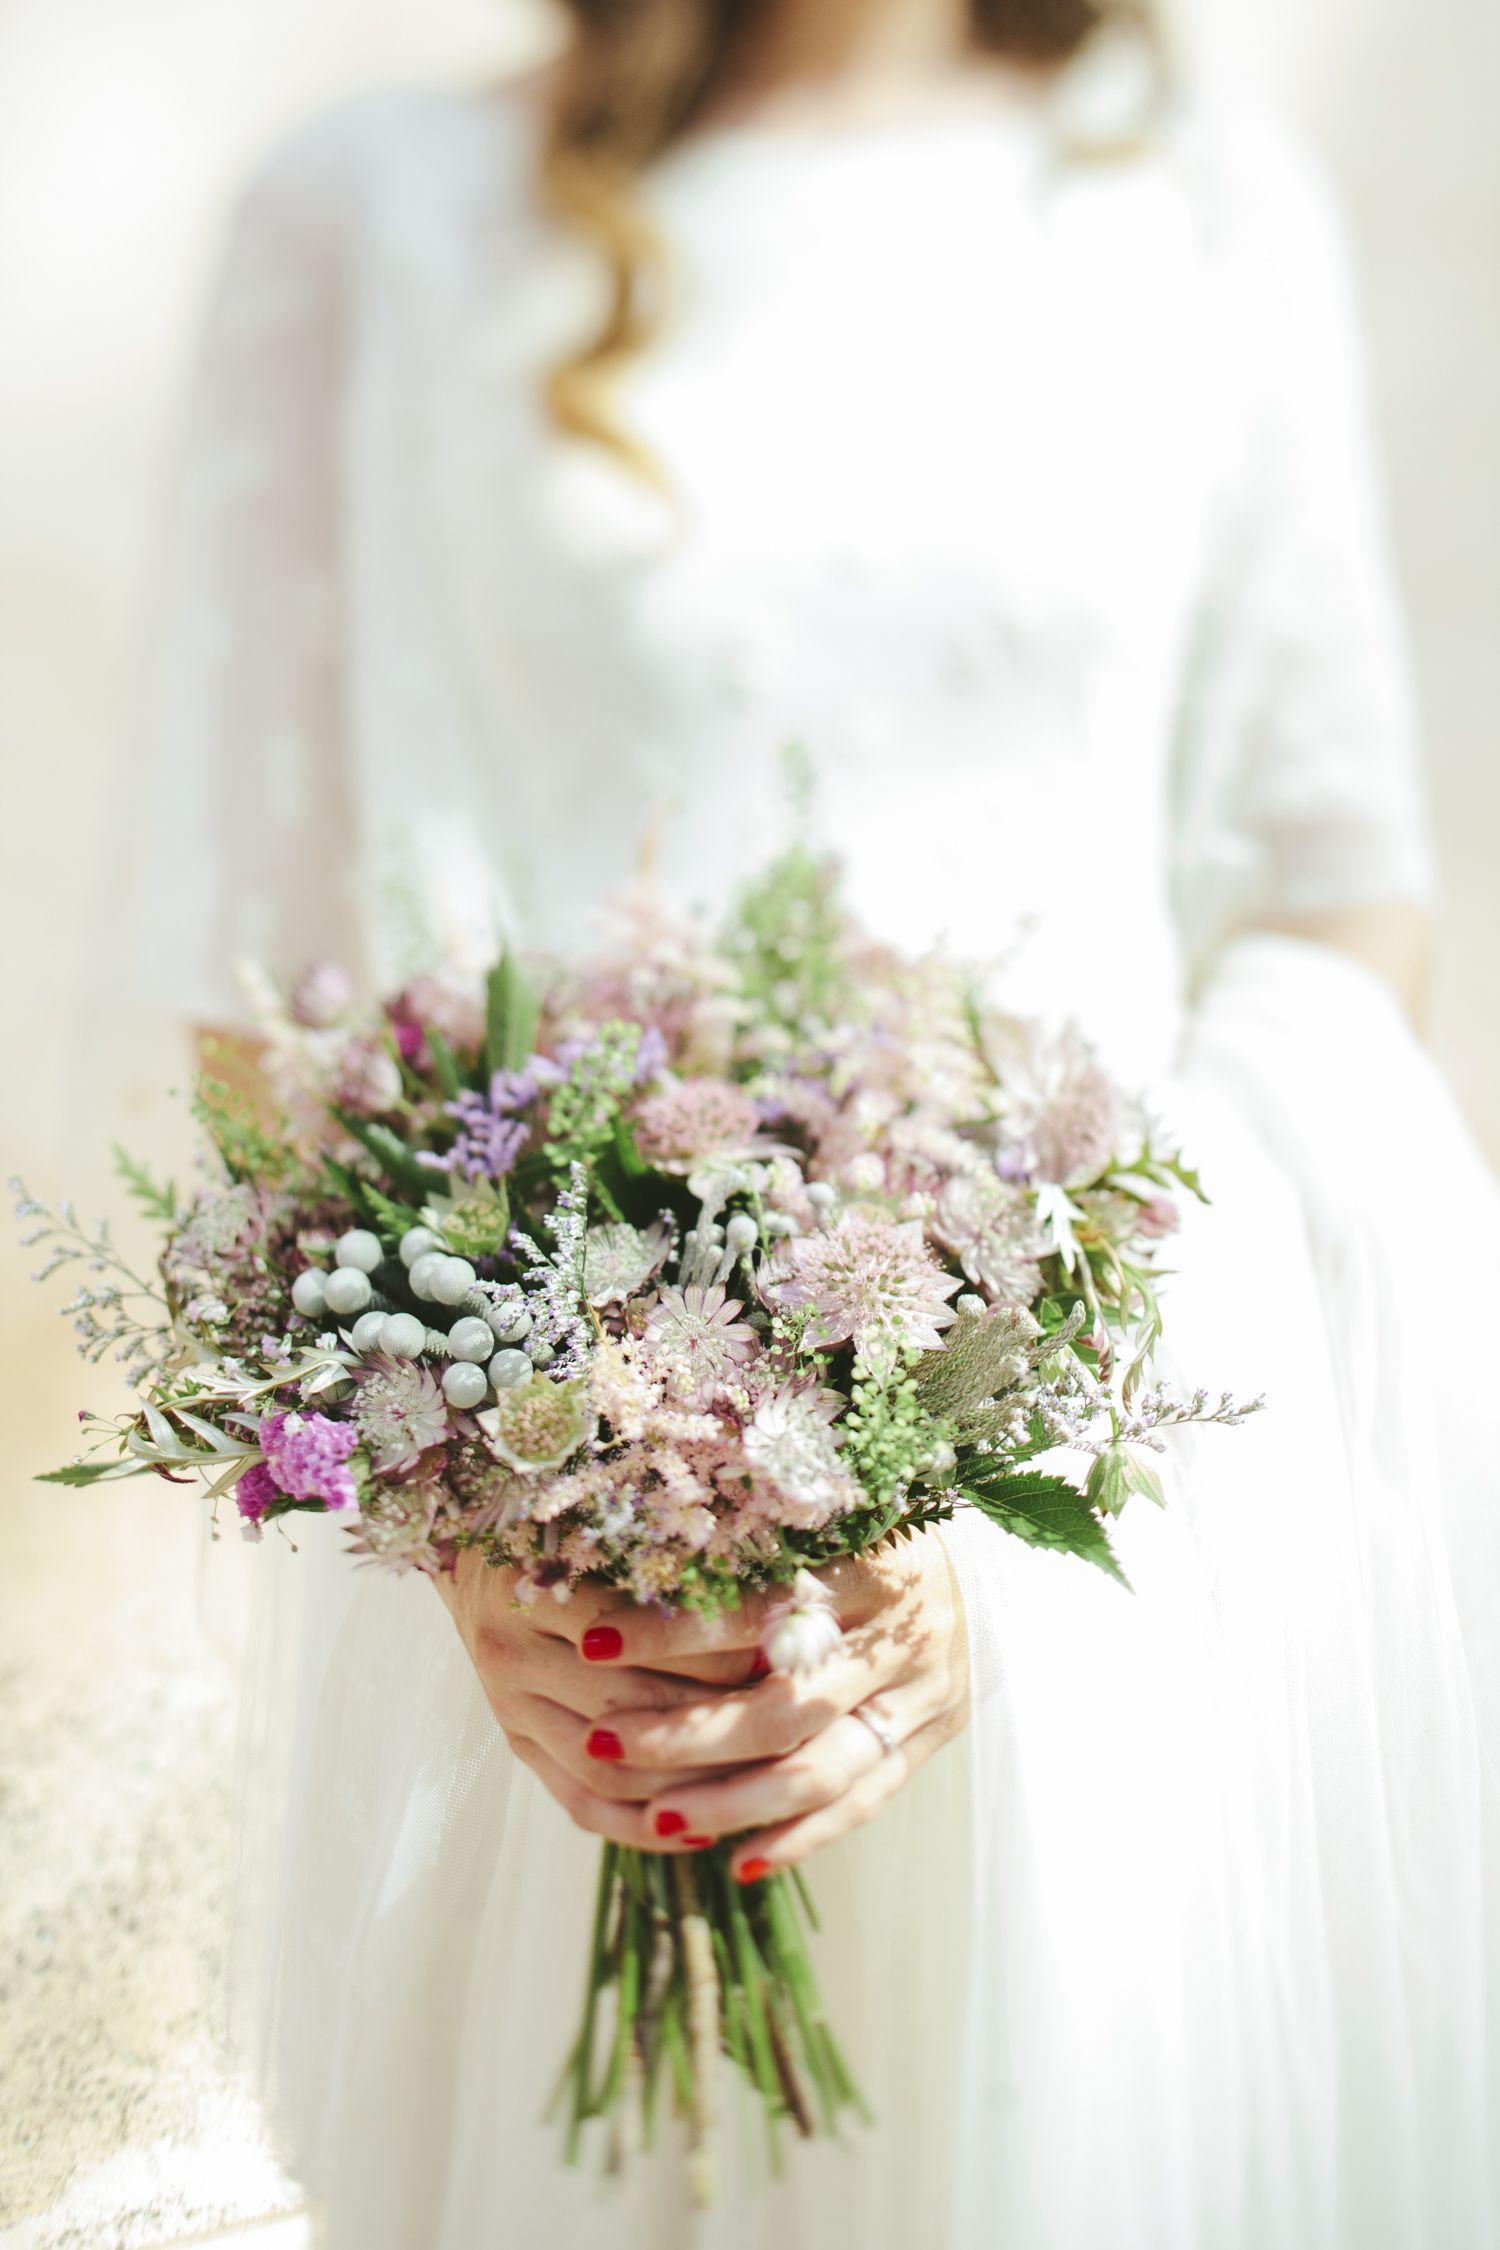 calista-one-lista-de-bodas-online-blog-de-bodas-inspiracion-bodas-m-19